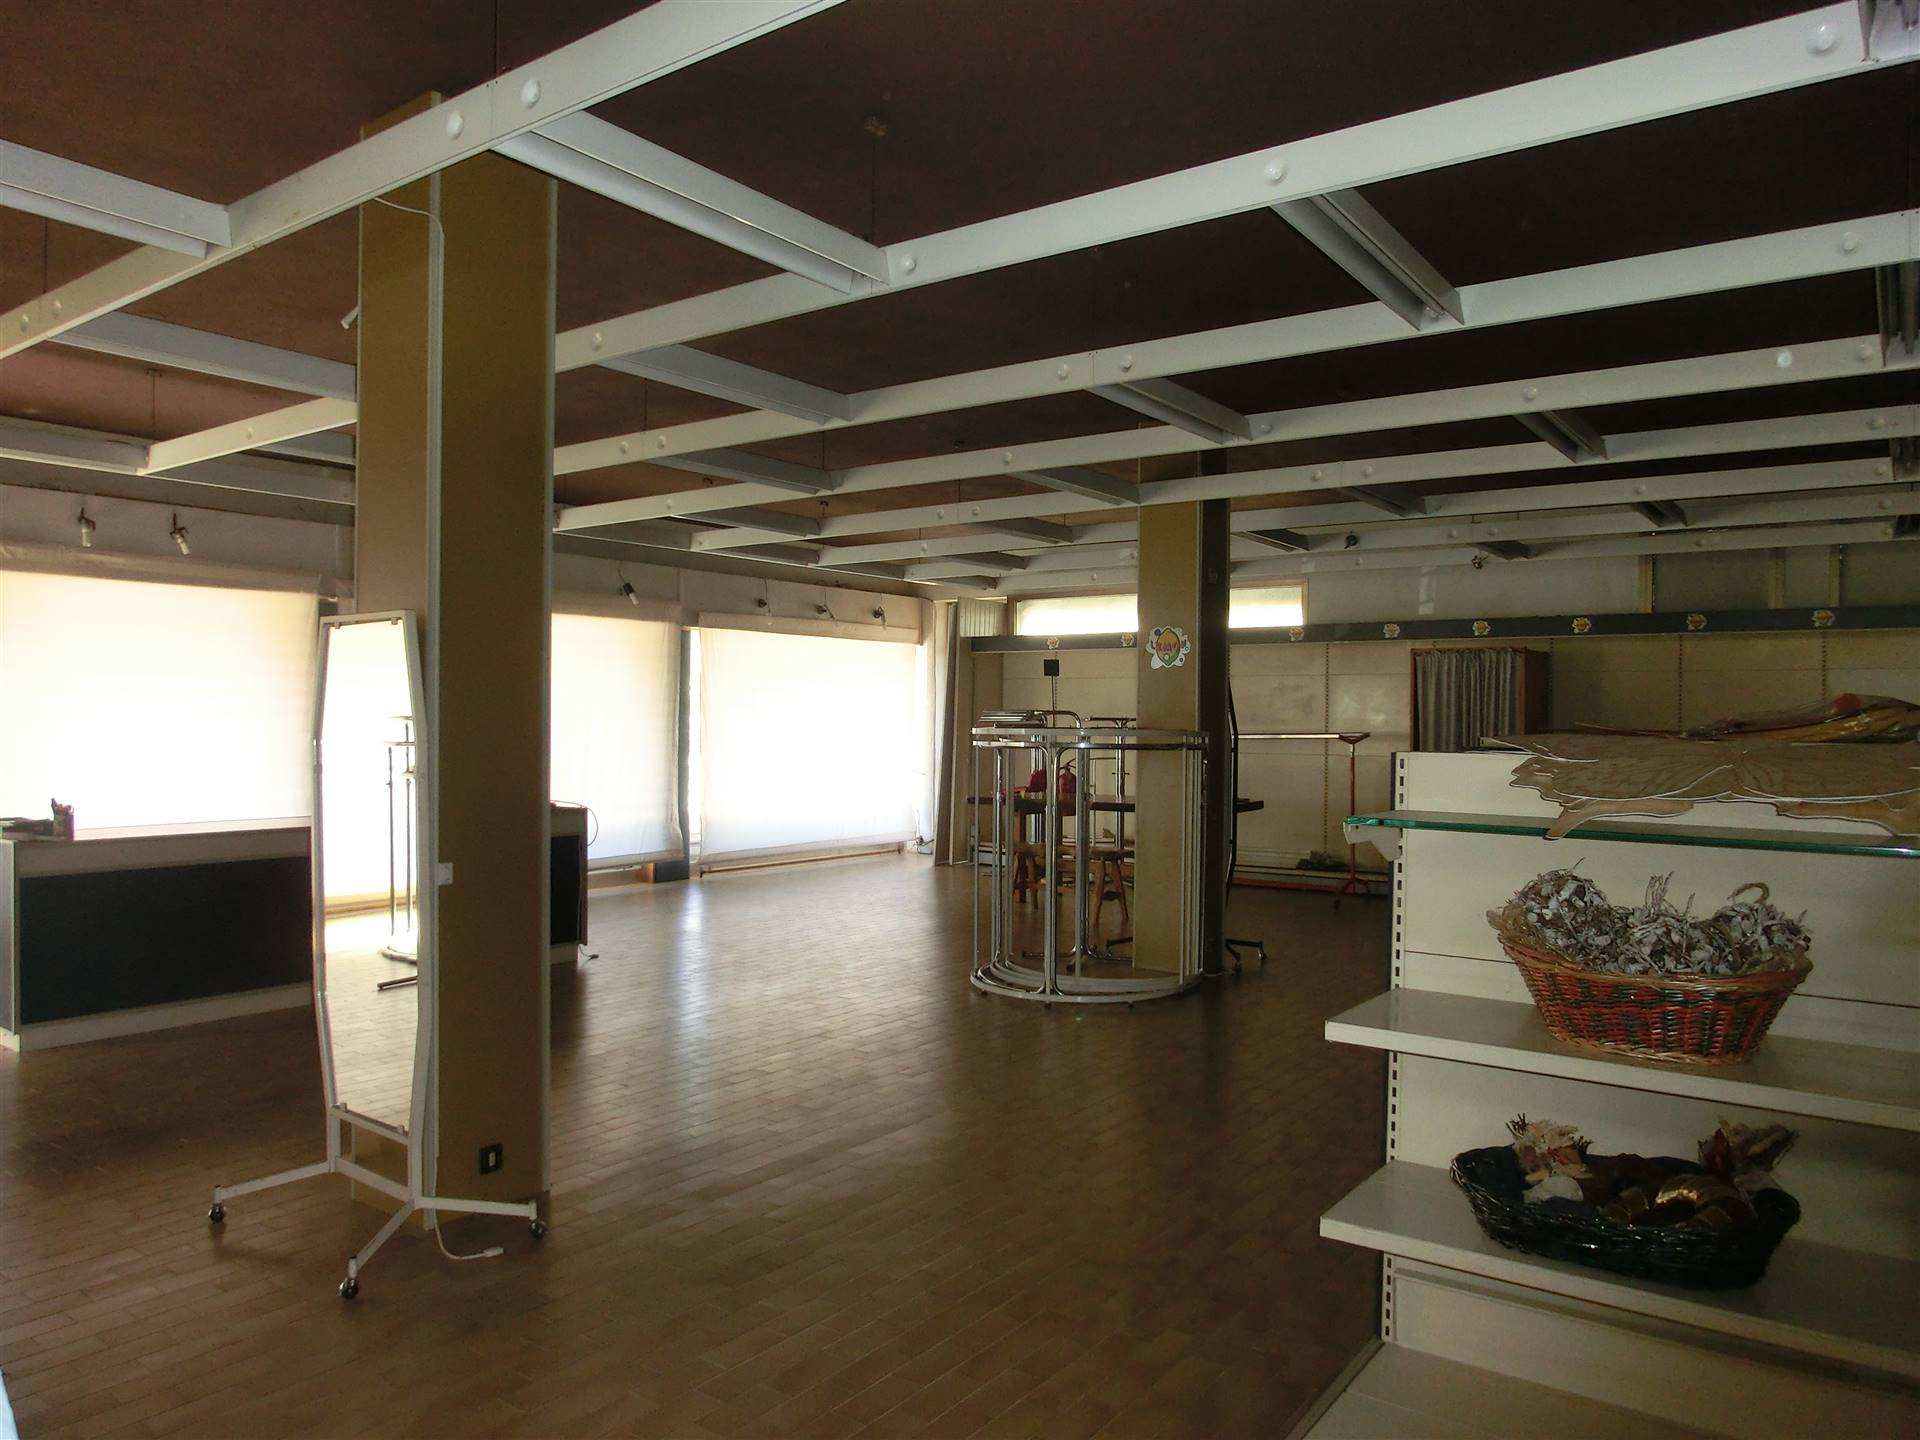 Ufficio / Studio in vendita a Scorzè, 4 locali, zona Zona: Peseggia, prezzo € 200.000 | CambioCasa.it